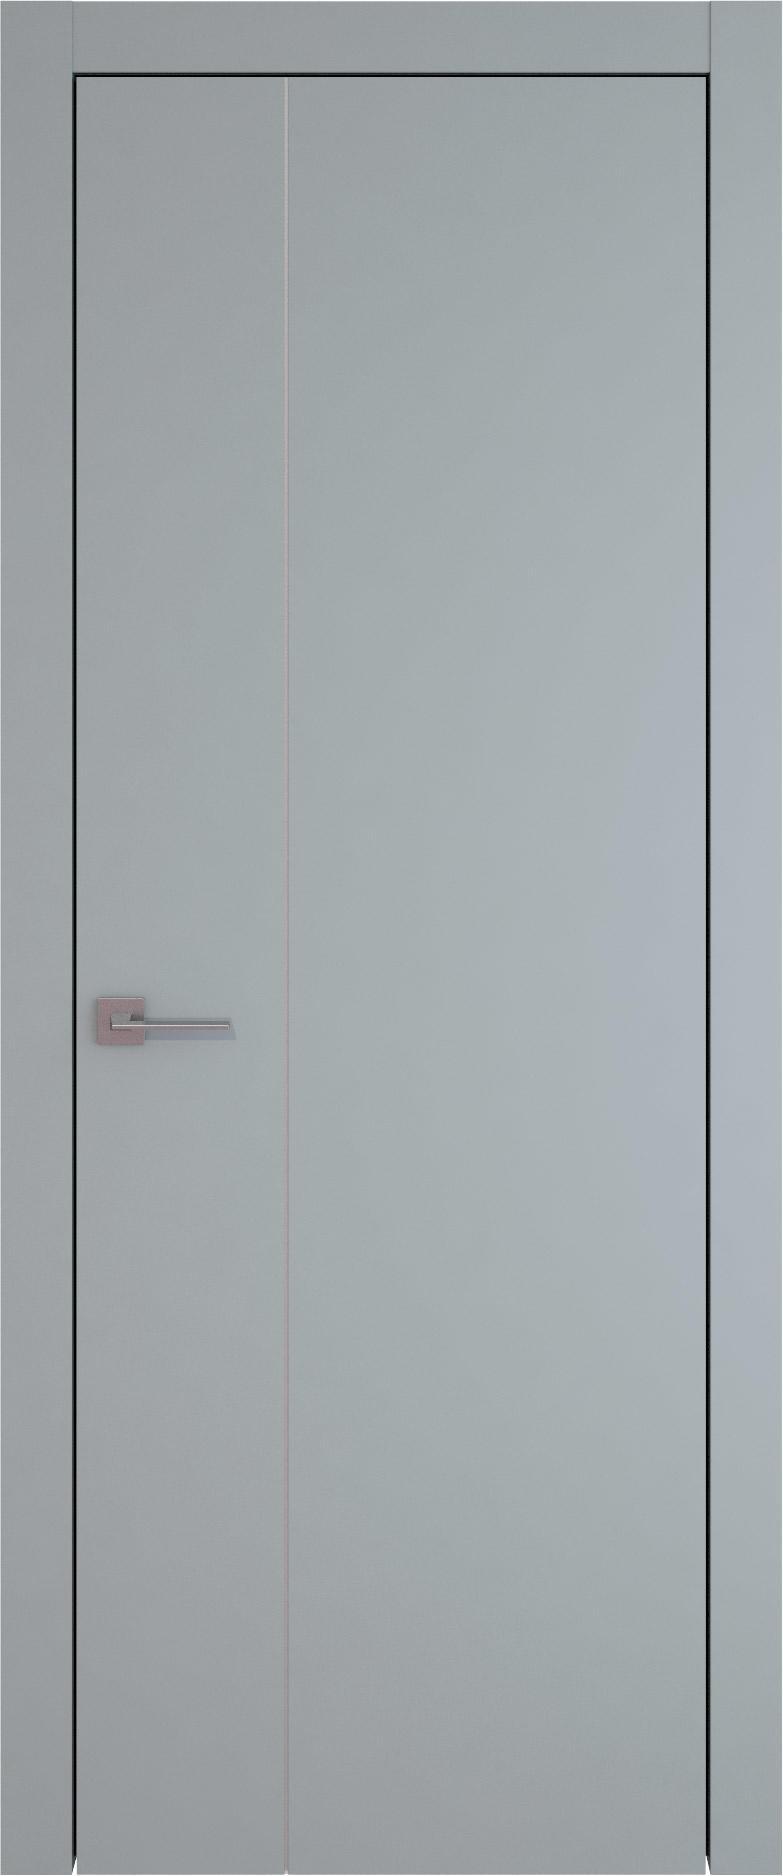 Tivoli В-1 цвет - Серебристо-серая эмаль (RAL 7045) Без стекла (ДГ)